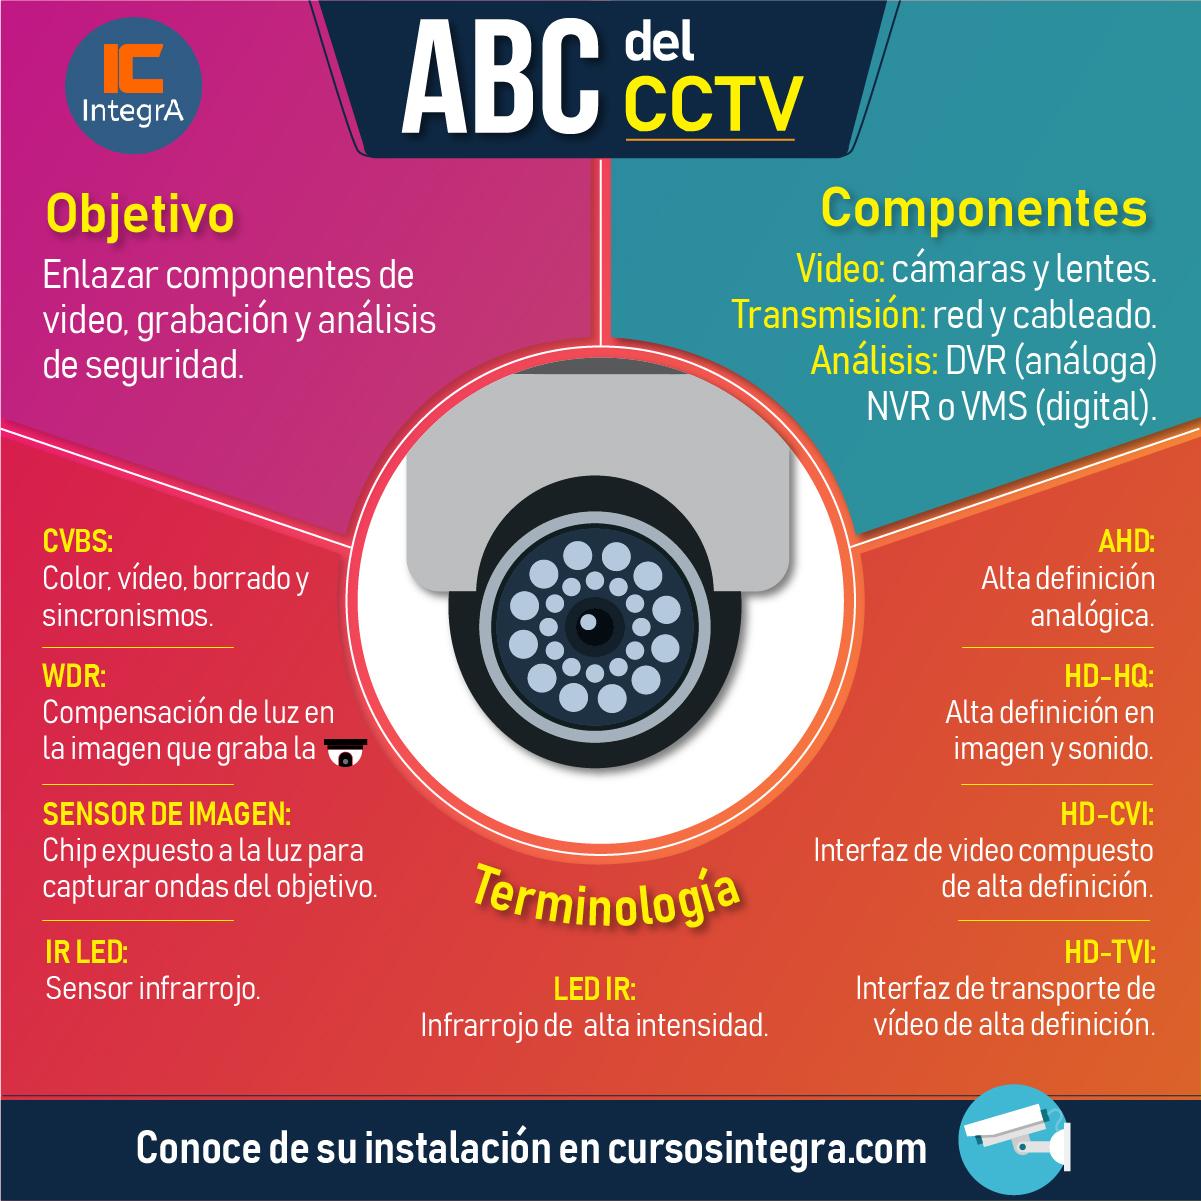 abc-del-cctv-camaras-deseguridad